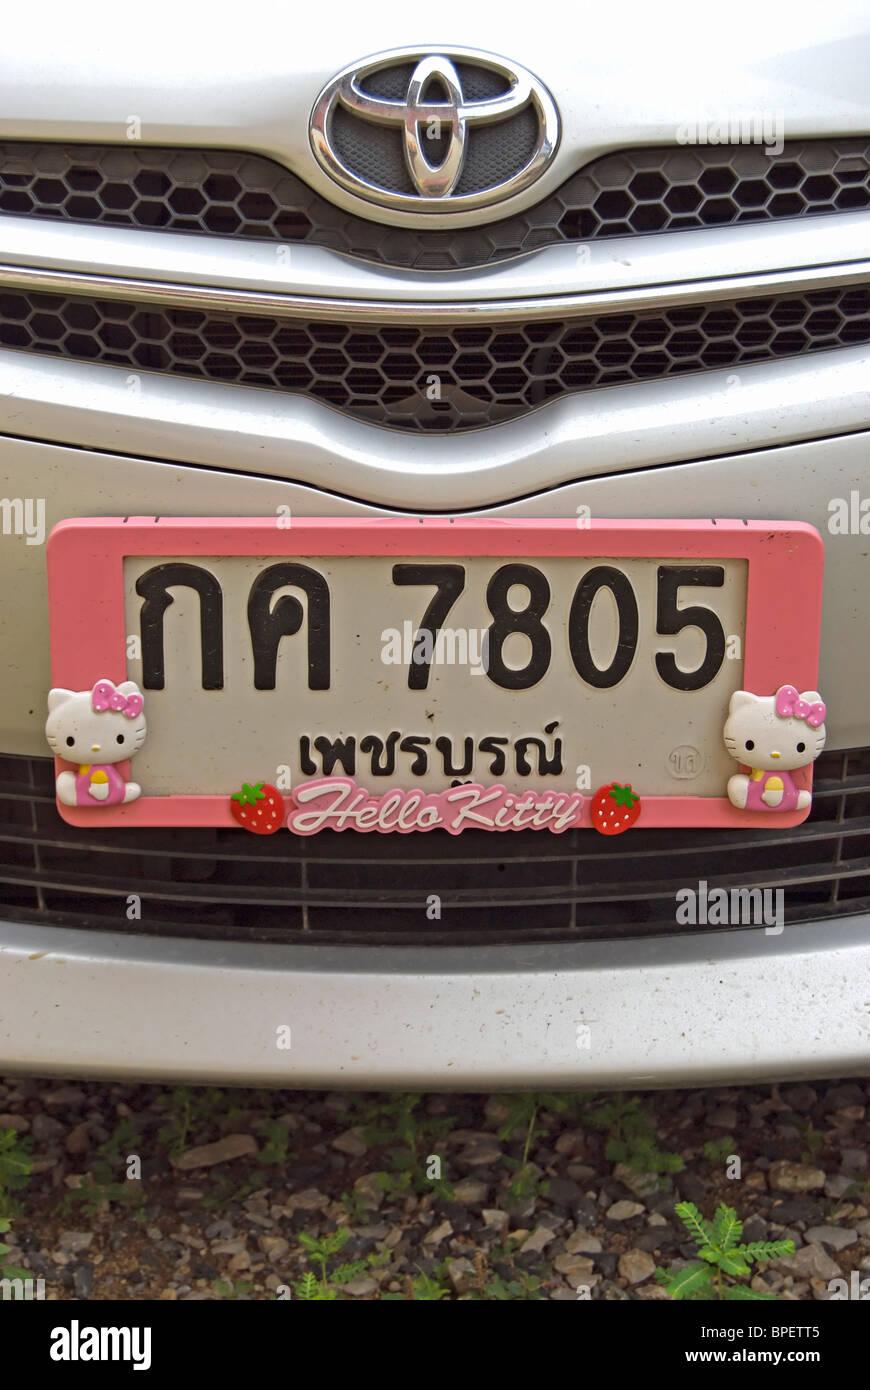 Car Number Plate Frames - Page 8 - Frame Design & Reviews ✓